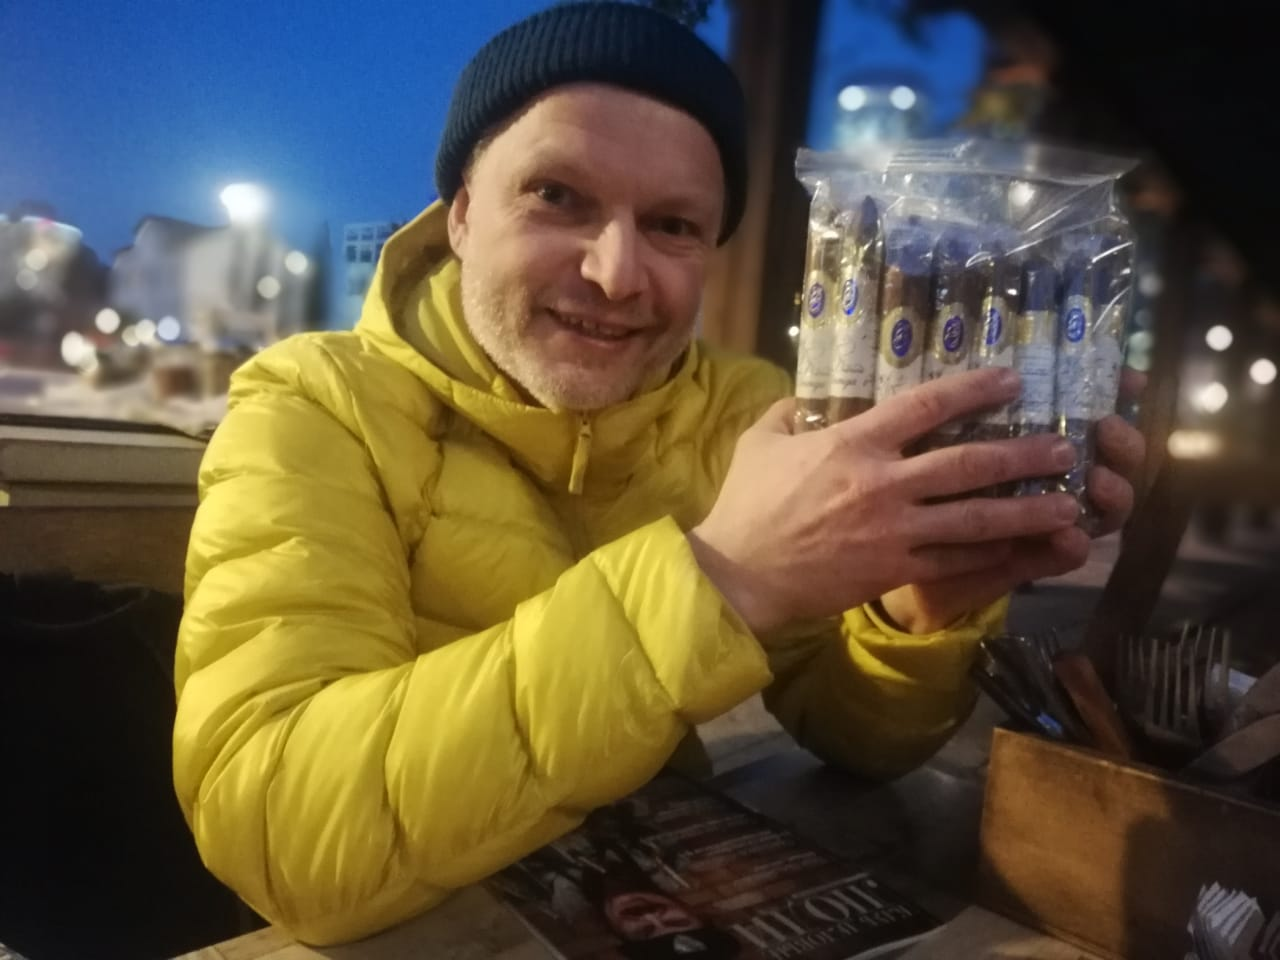 один из лучших сигарных дизайнеров Илья Юданов